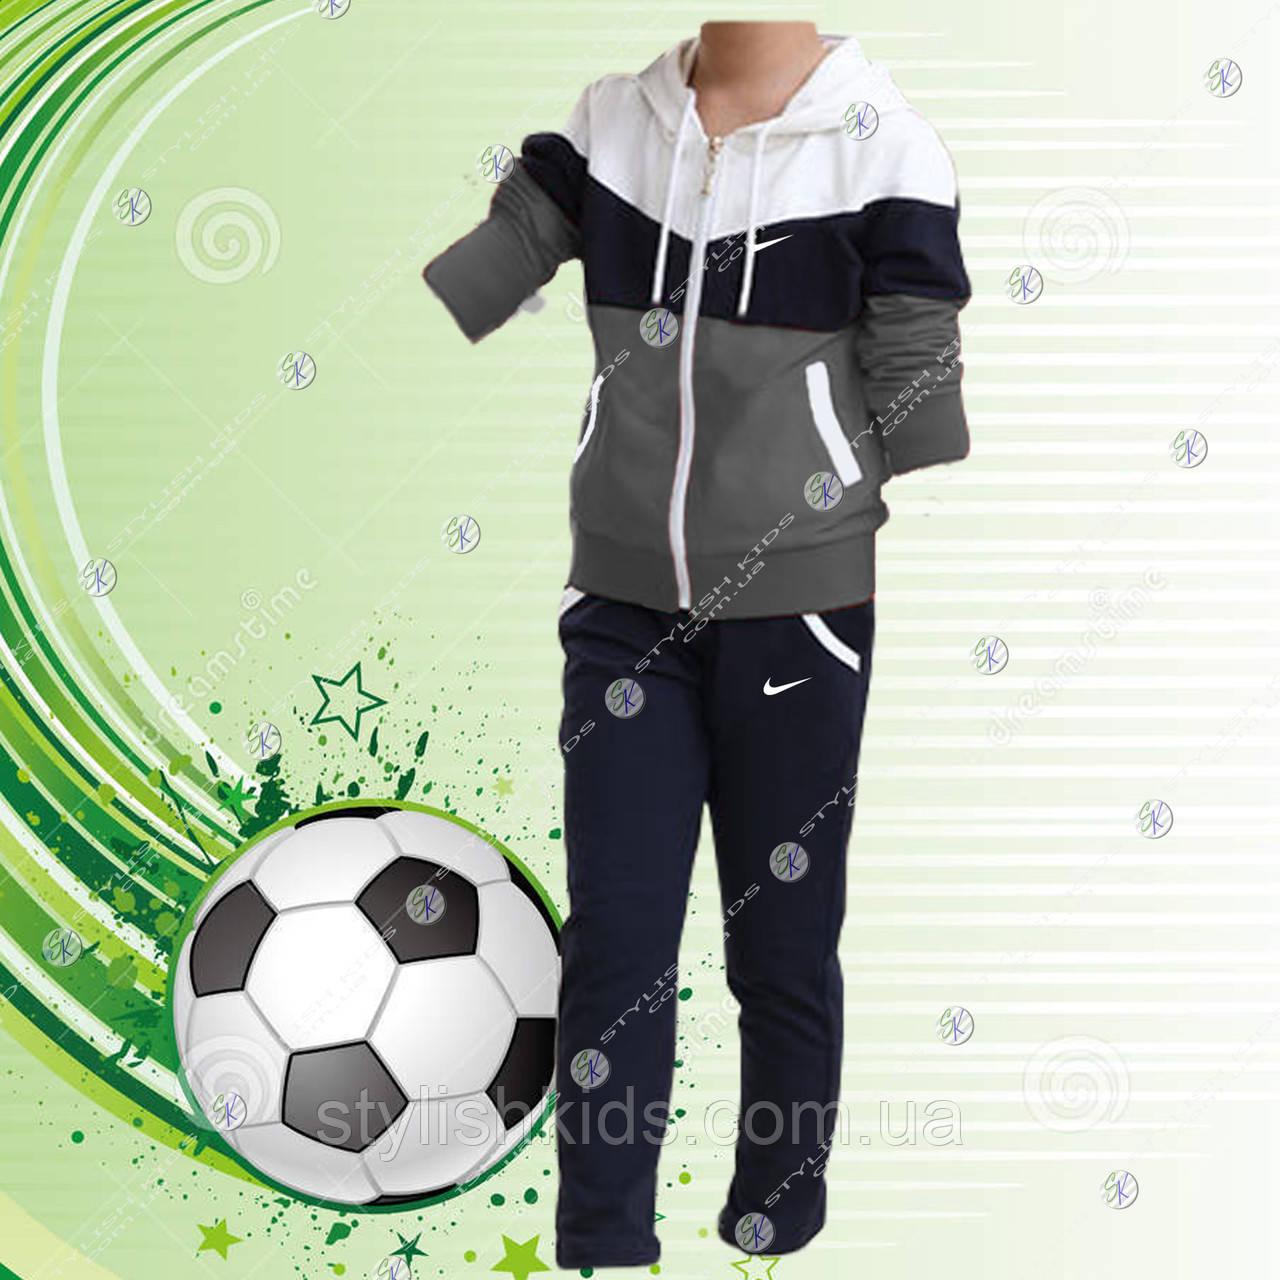 77843ffd Купить спортивный костюм Nike на мальчика в Украине пром.юа.Спортивный  костюм подростковый 8